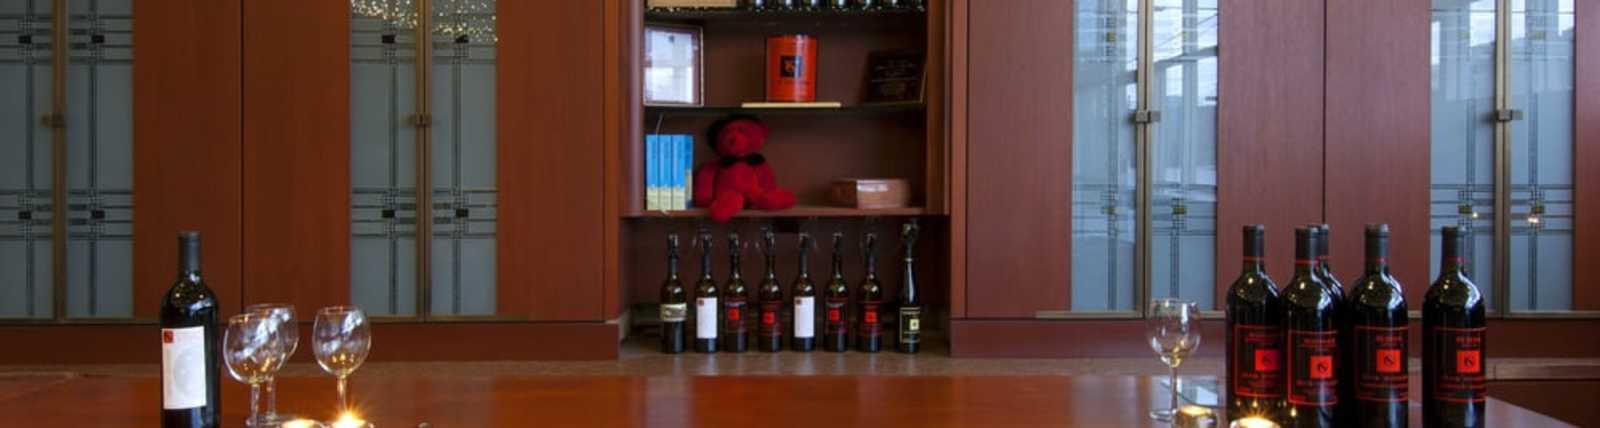 O S Winery